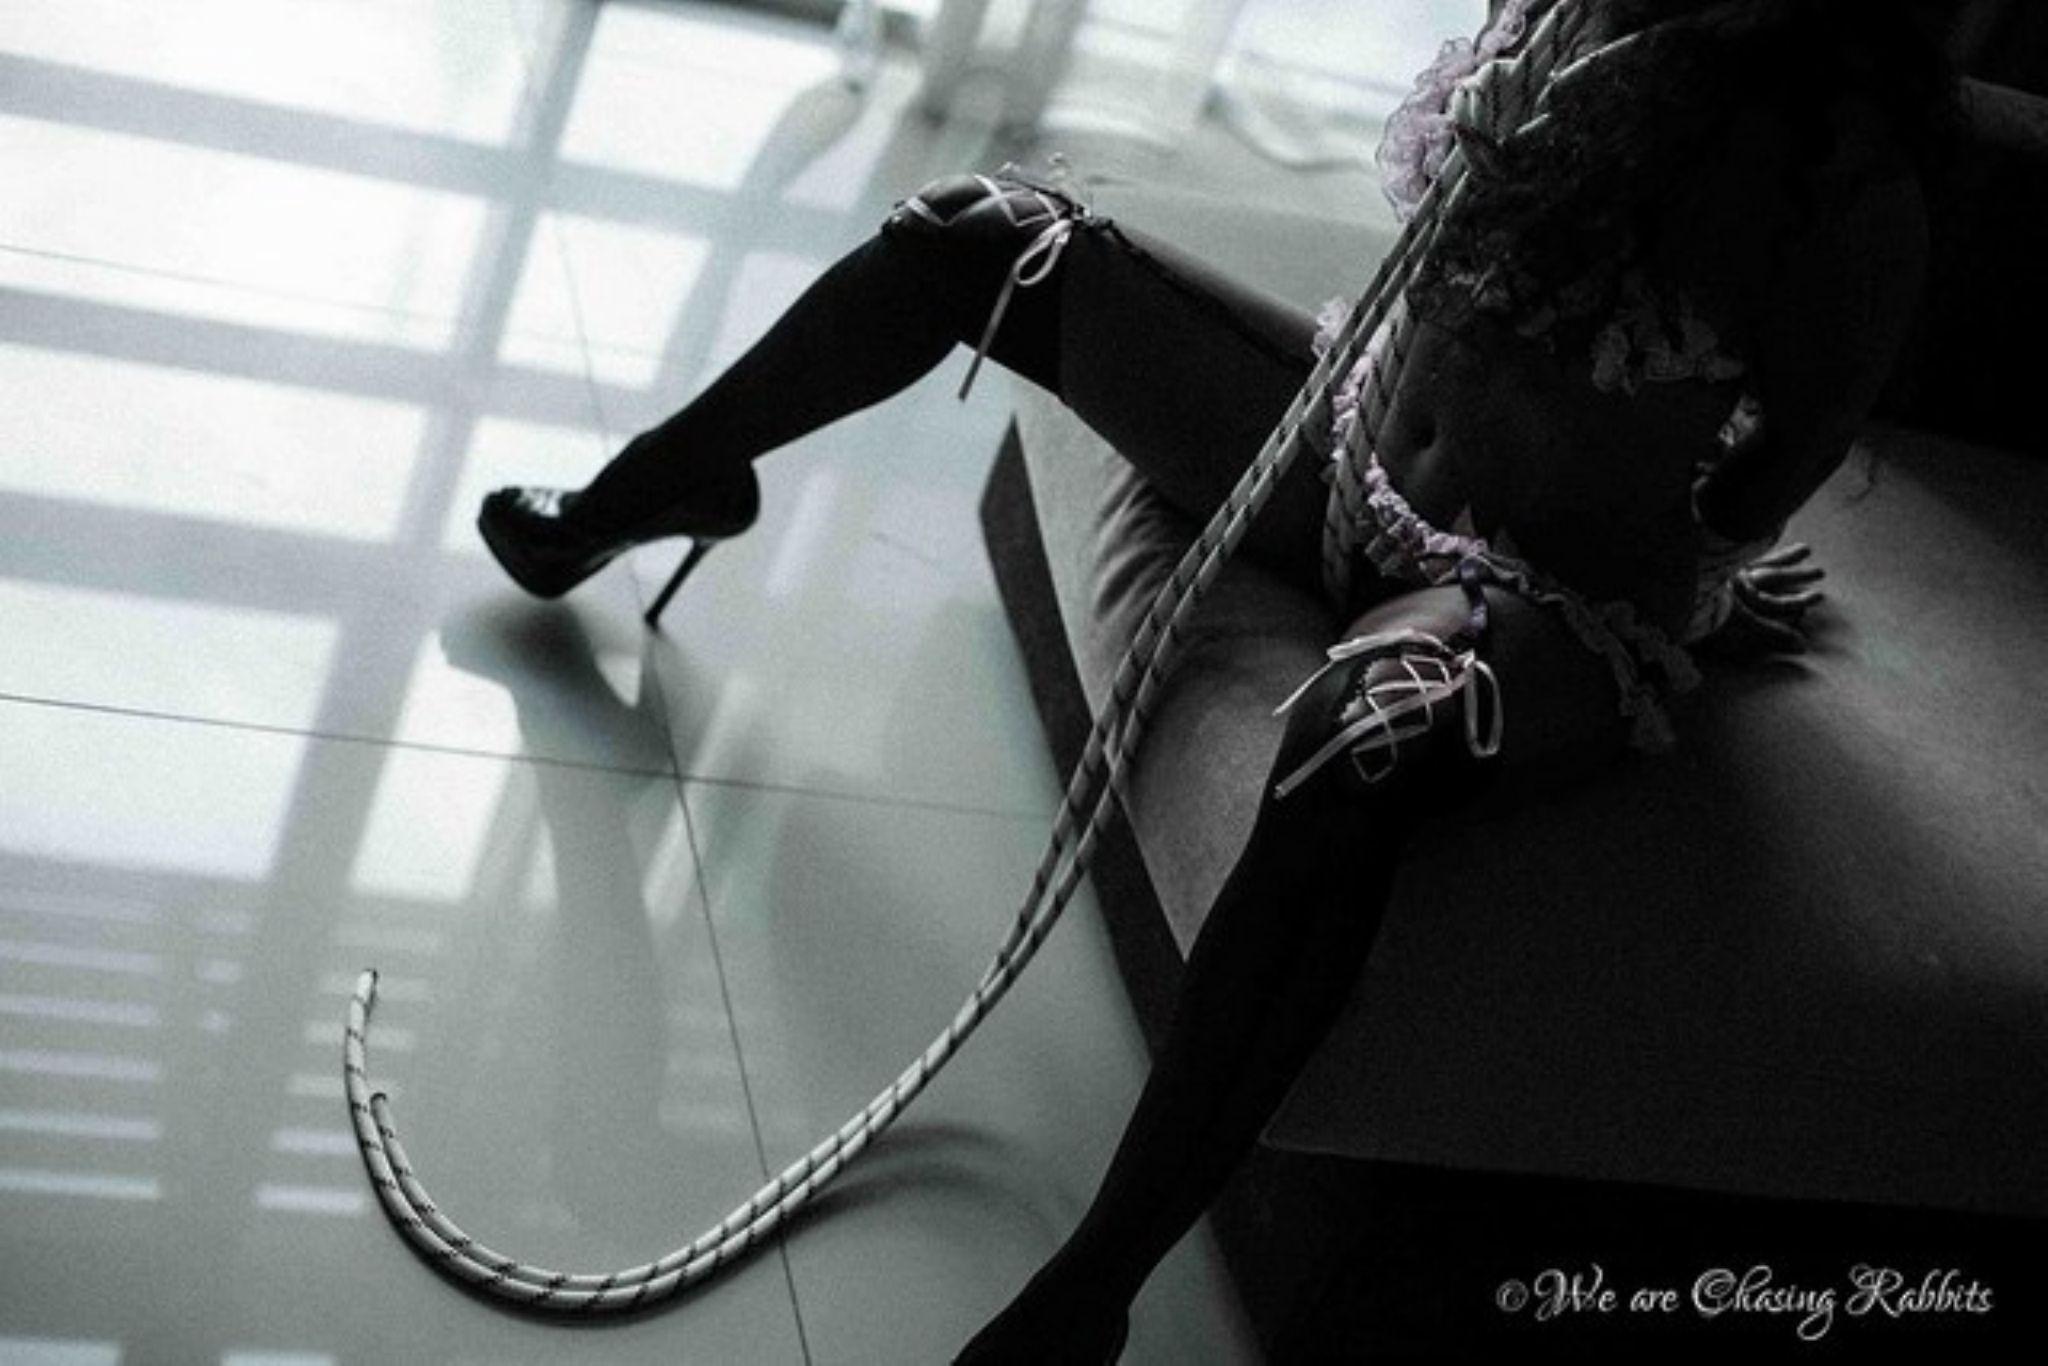 Tied up by iamaiza